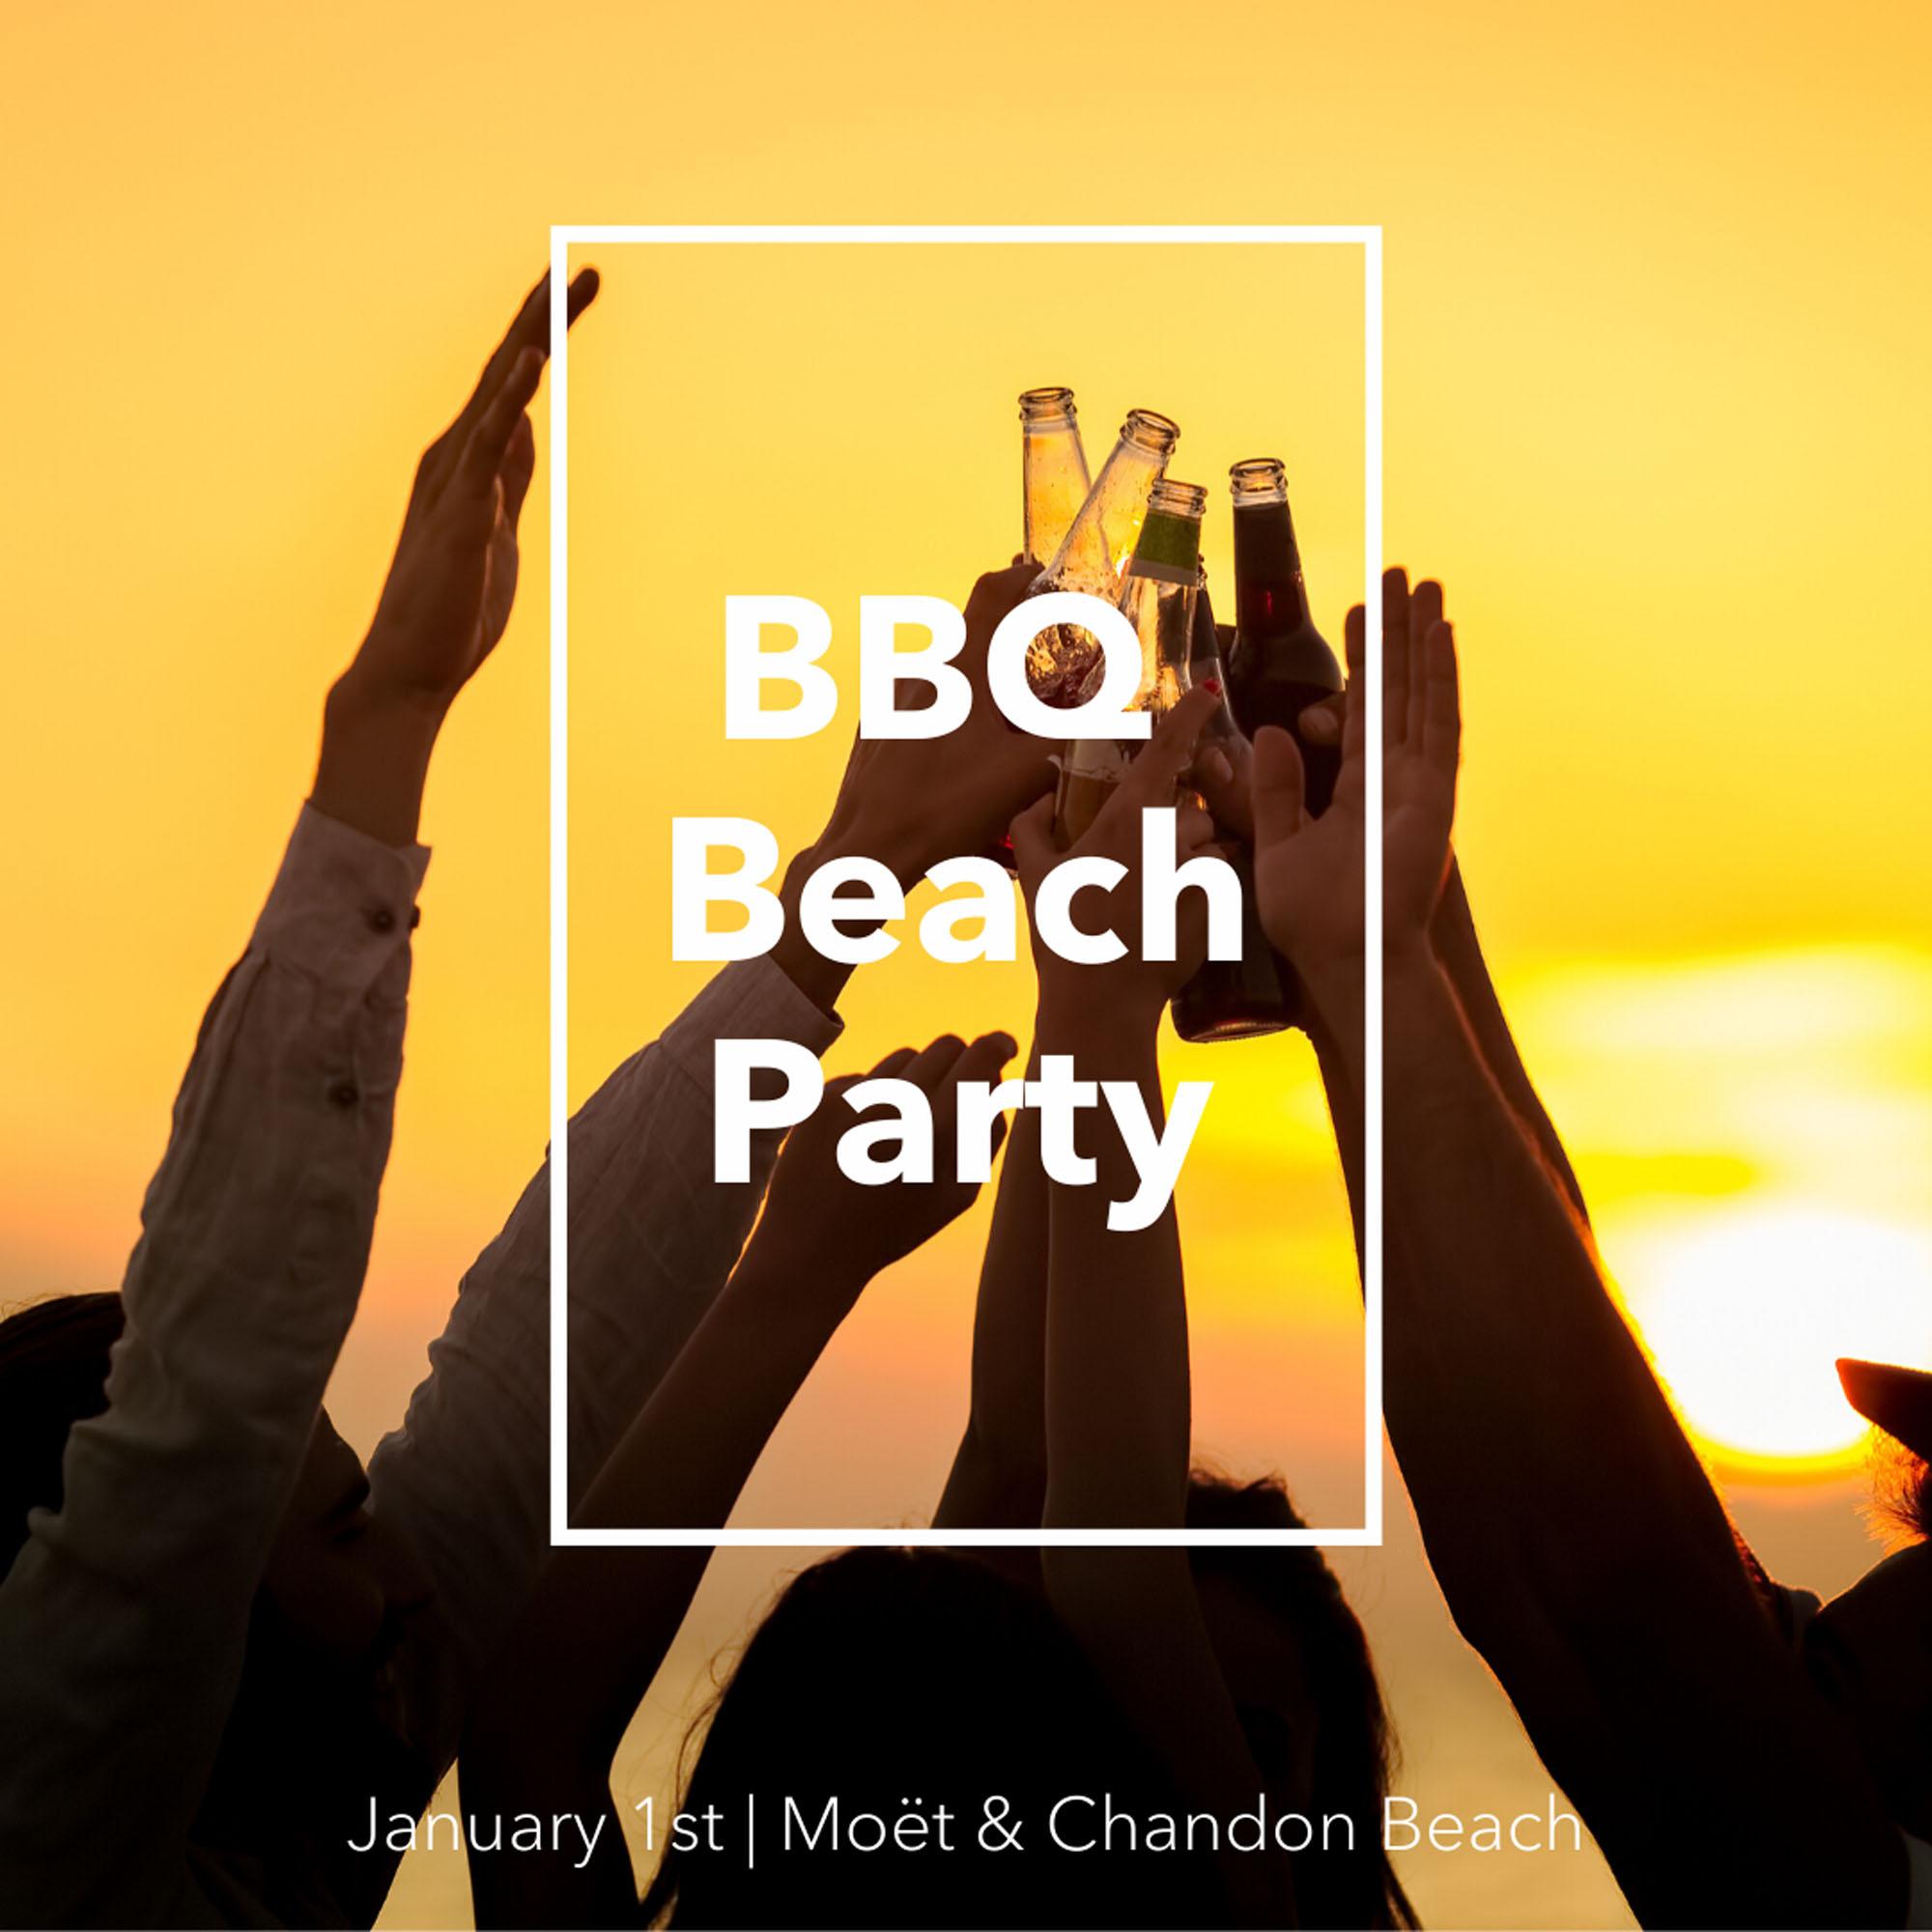 BBQ Beach Party